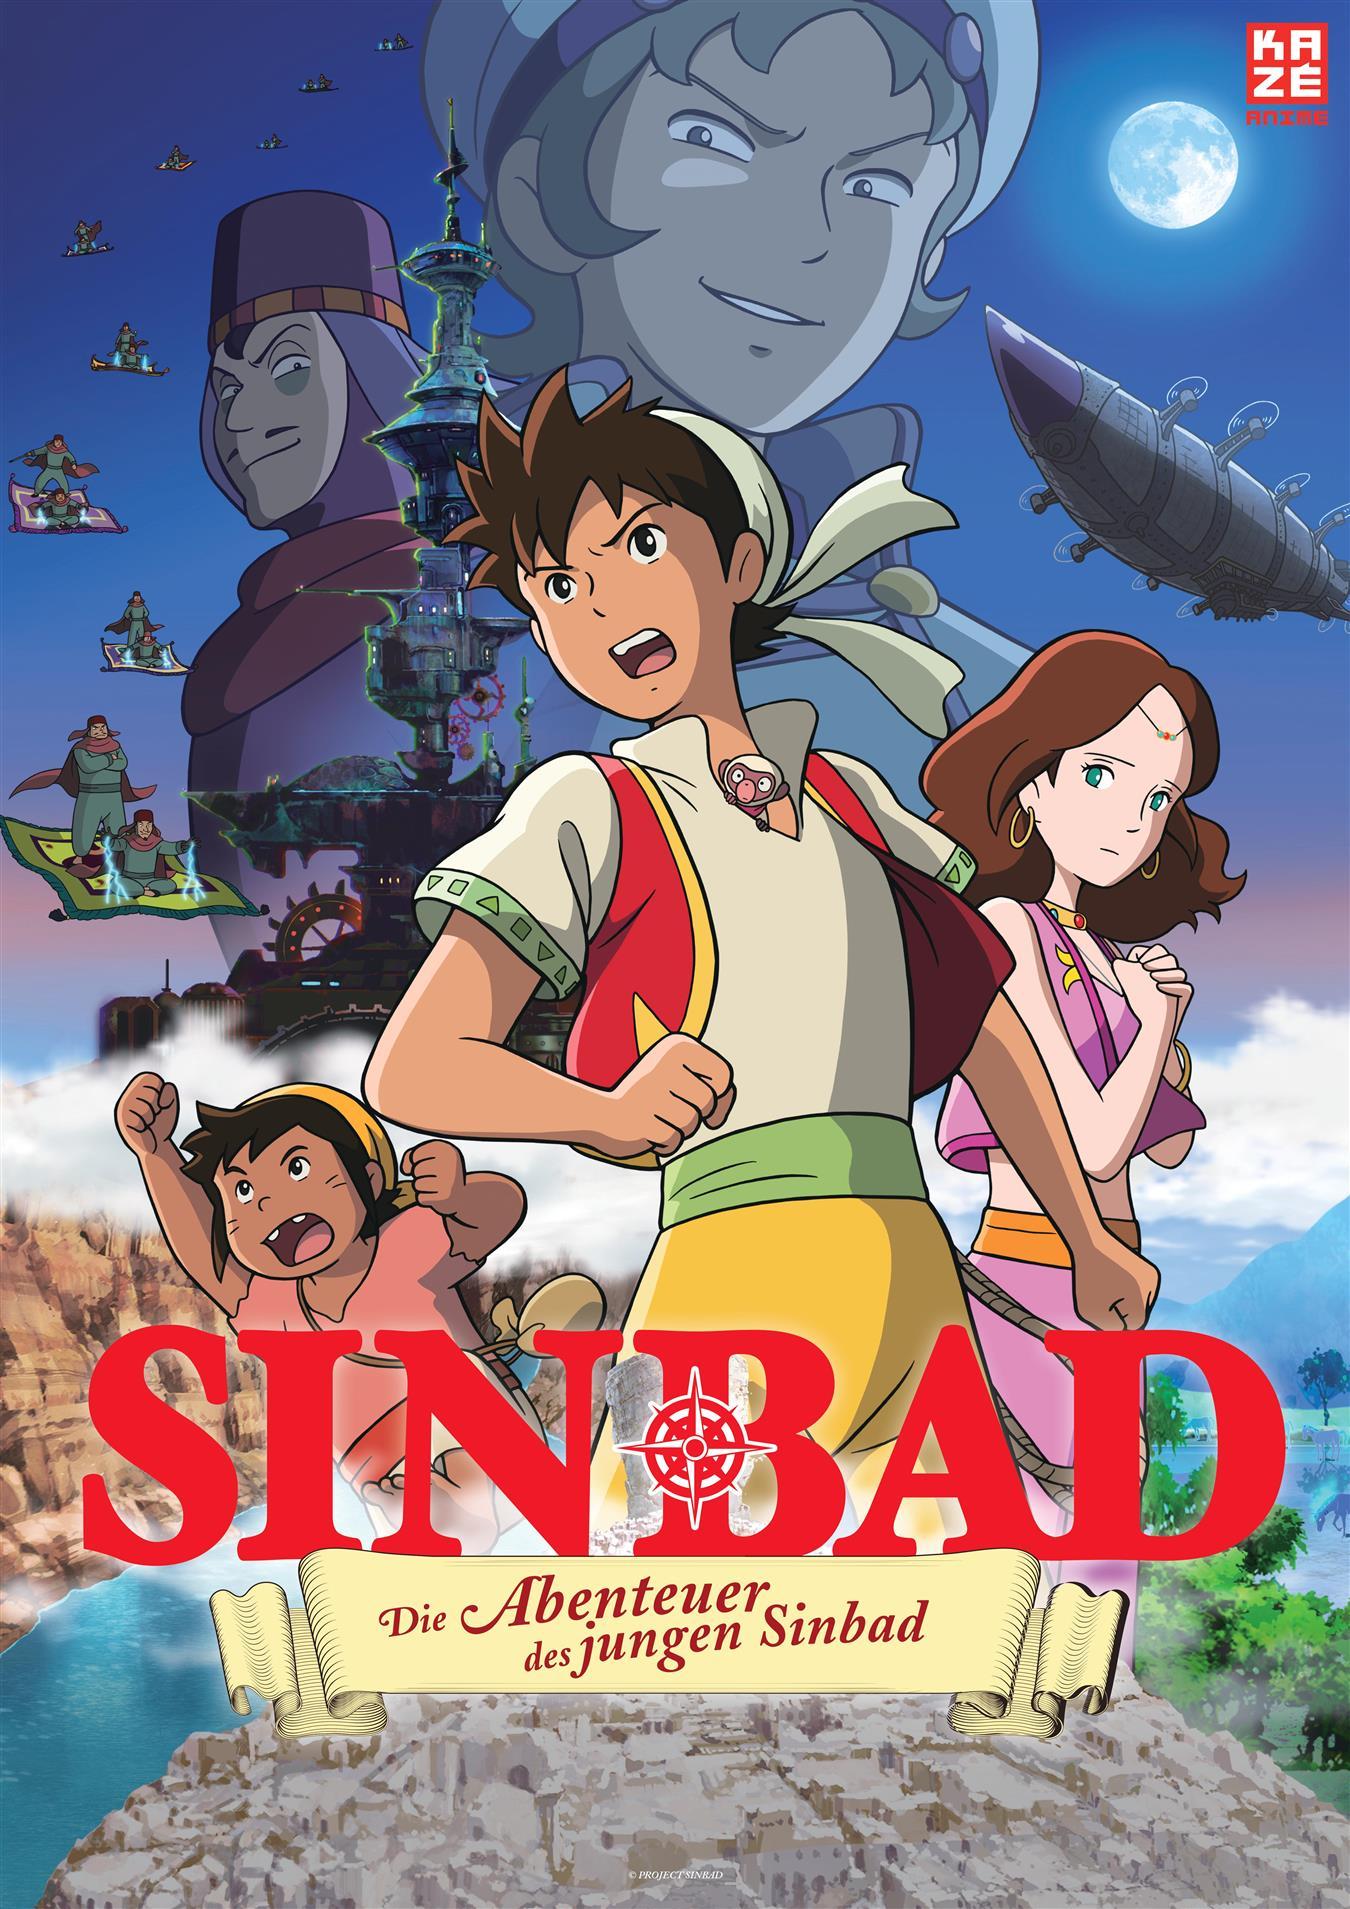 Anime Night - Die Abenteuer des jungen Sinbad